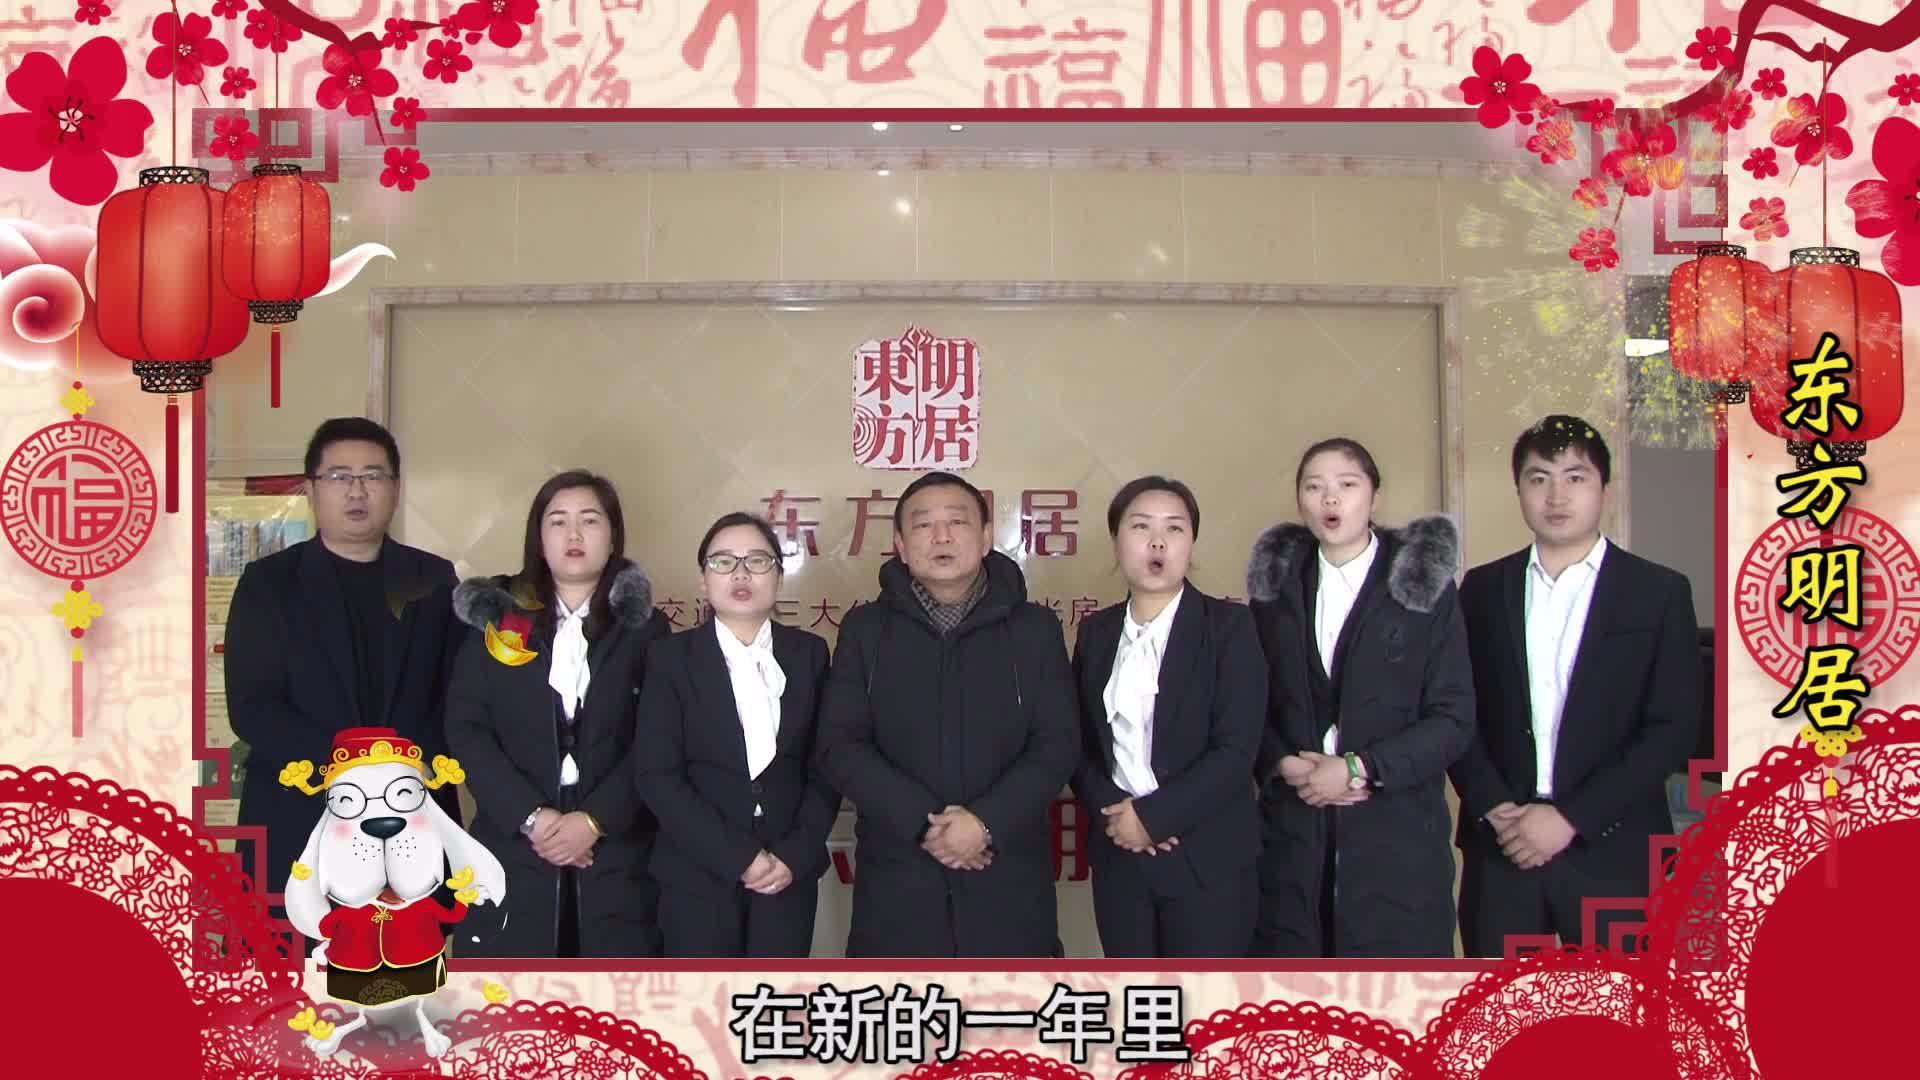 网易阳新携手【东方名居】团拜视频